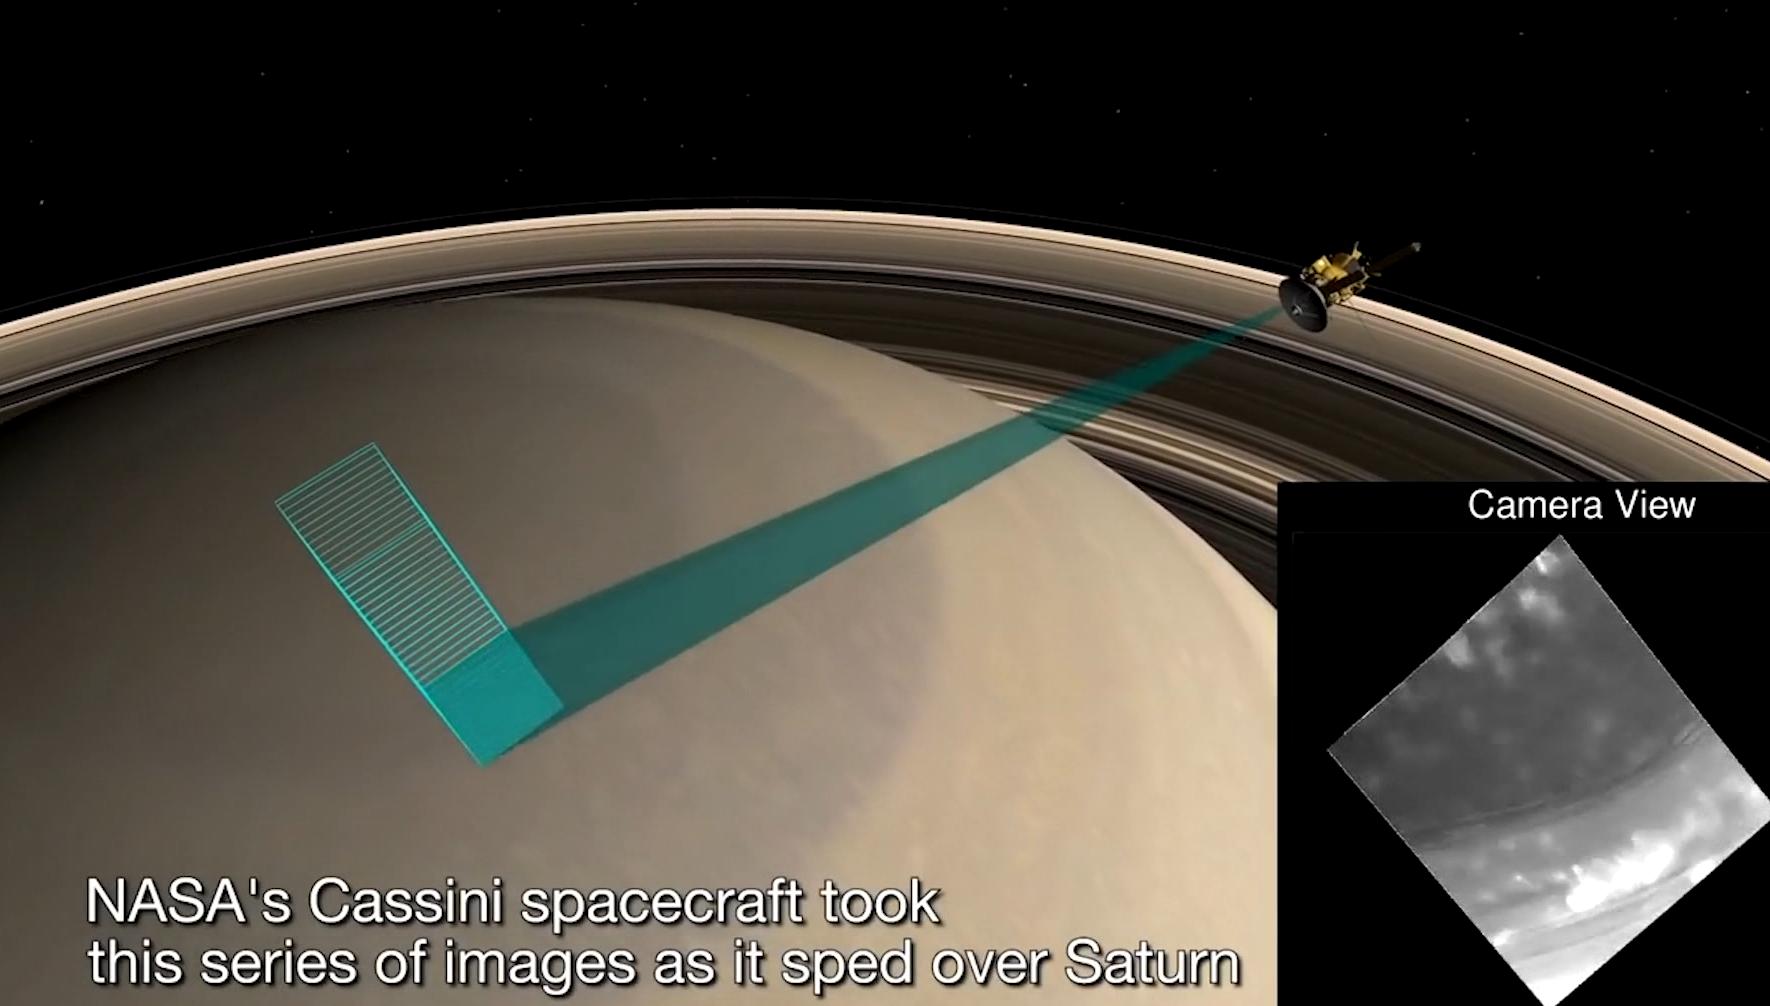 [视频]科技雷不撕:NASA发布卡西尼号俯冲向土星赤道的画面